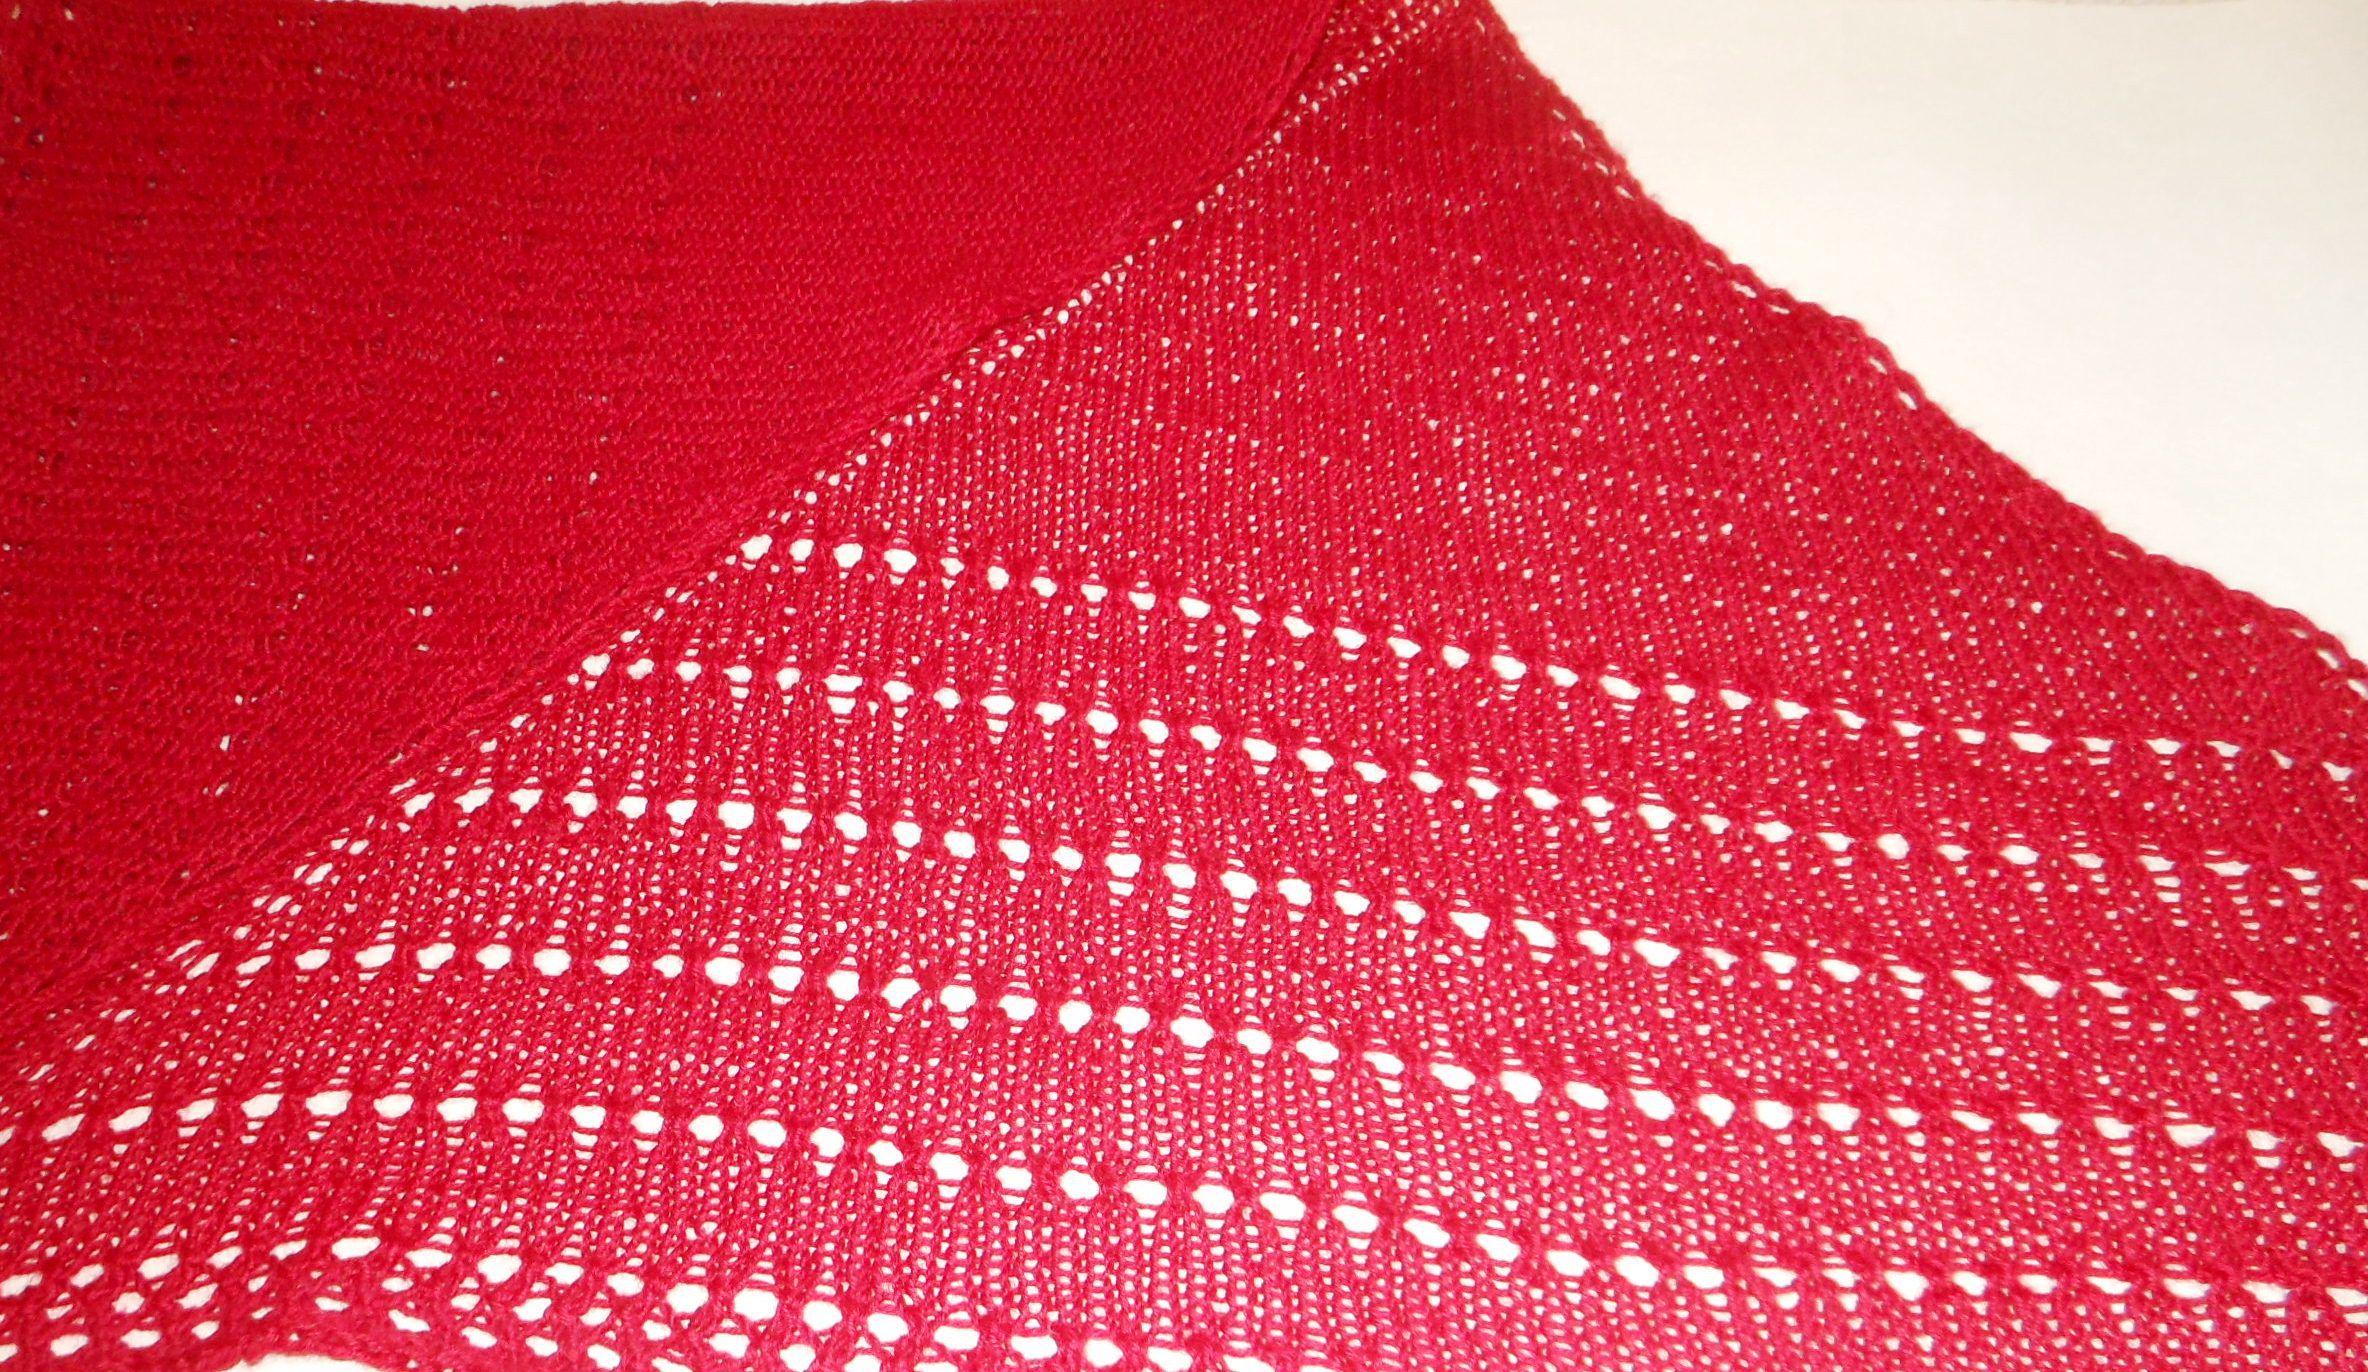 женщанам связано спицами спицы шаль ручная вязание косынка бактус работа аксессуар стильная шерсть подарок